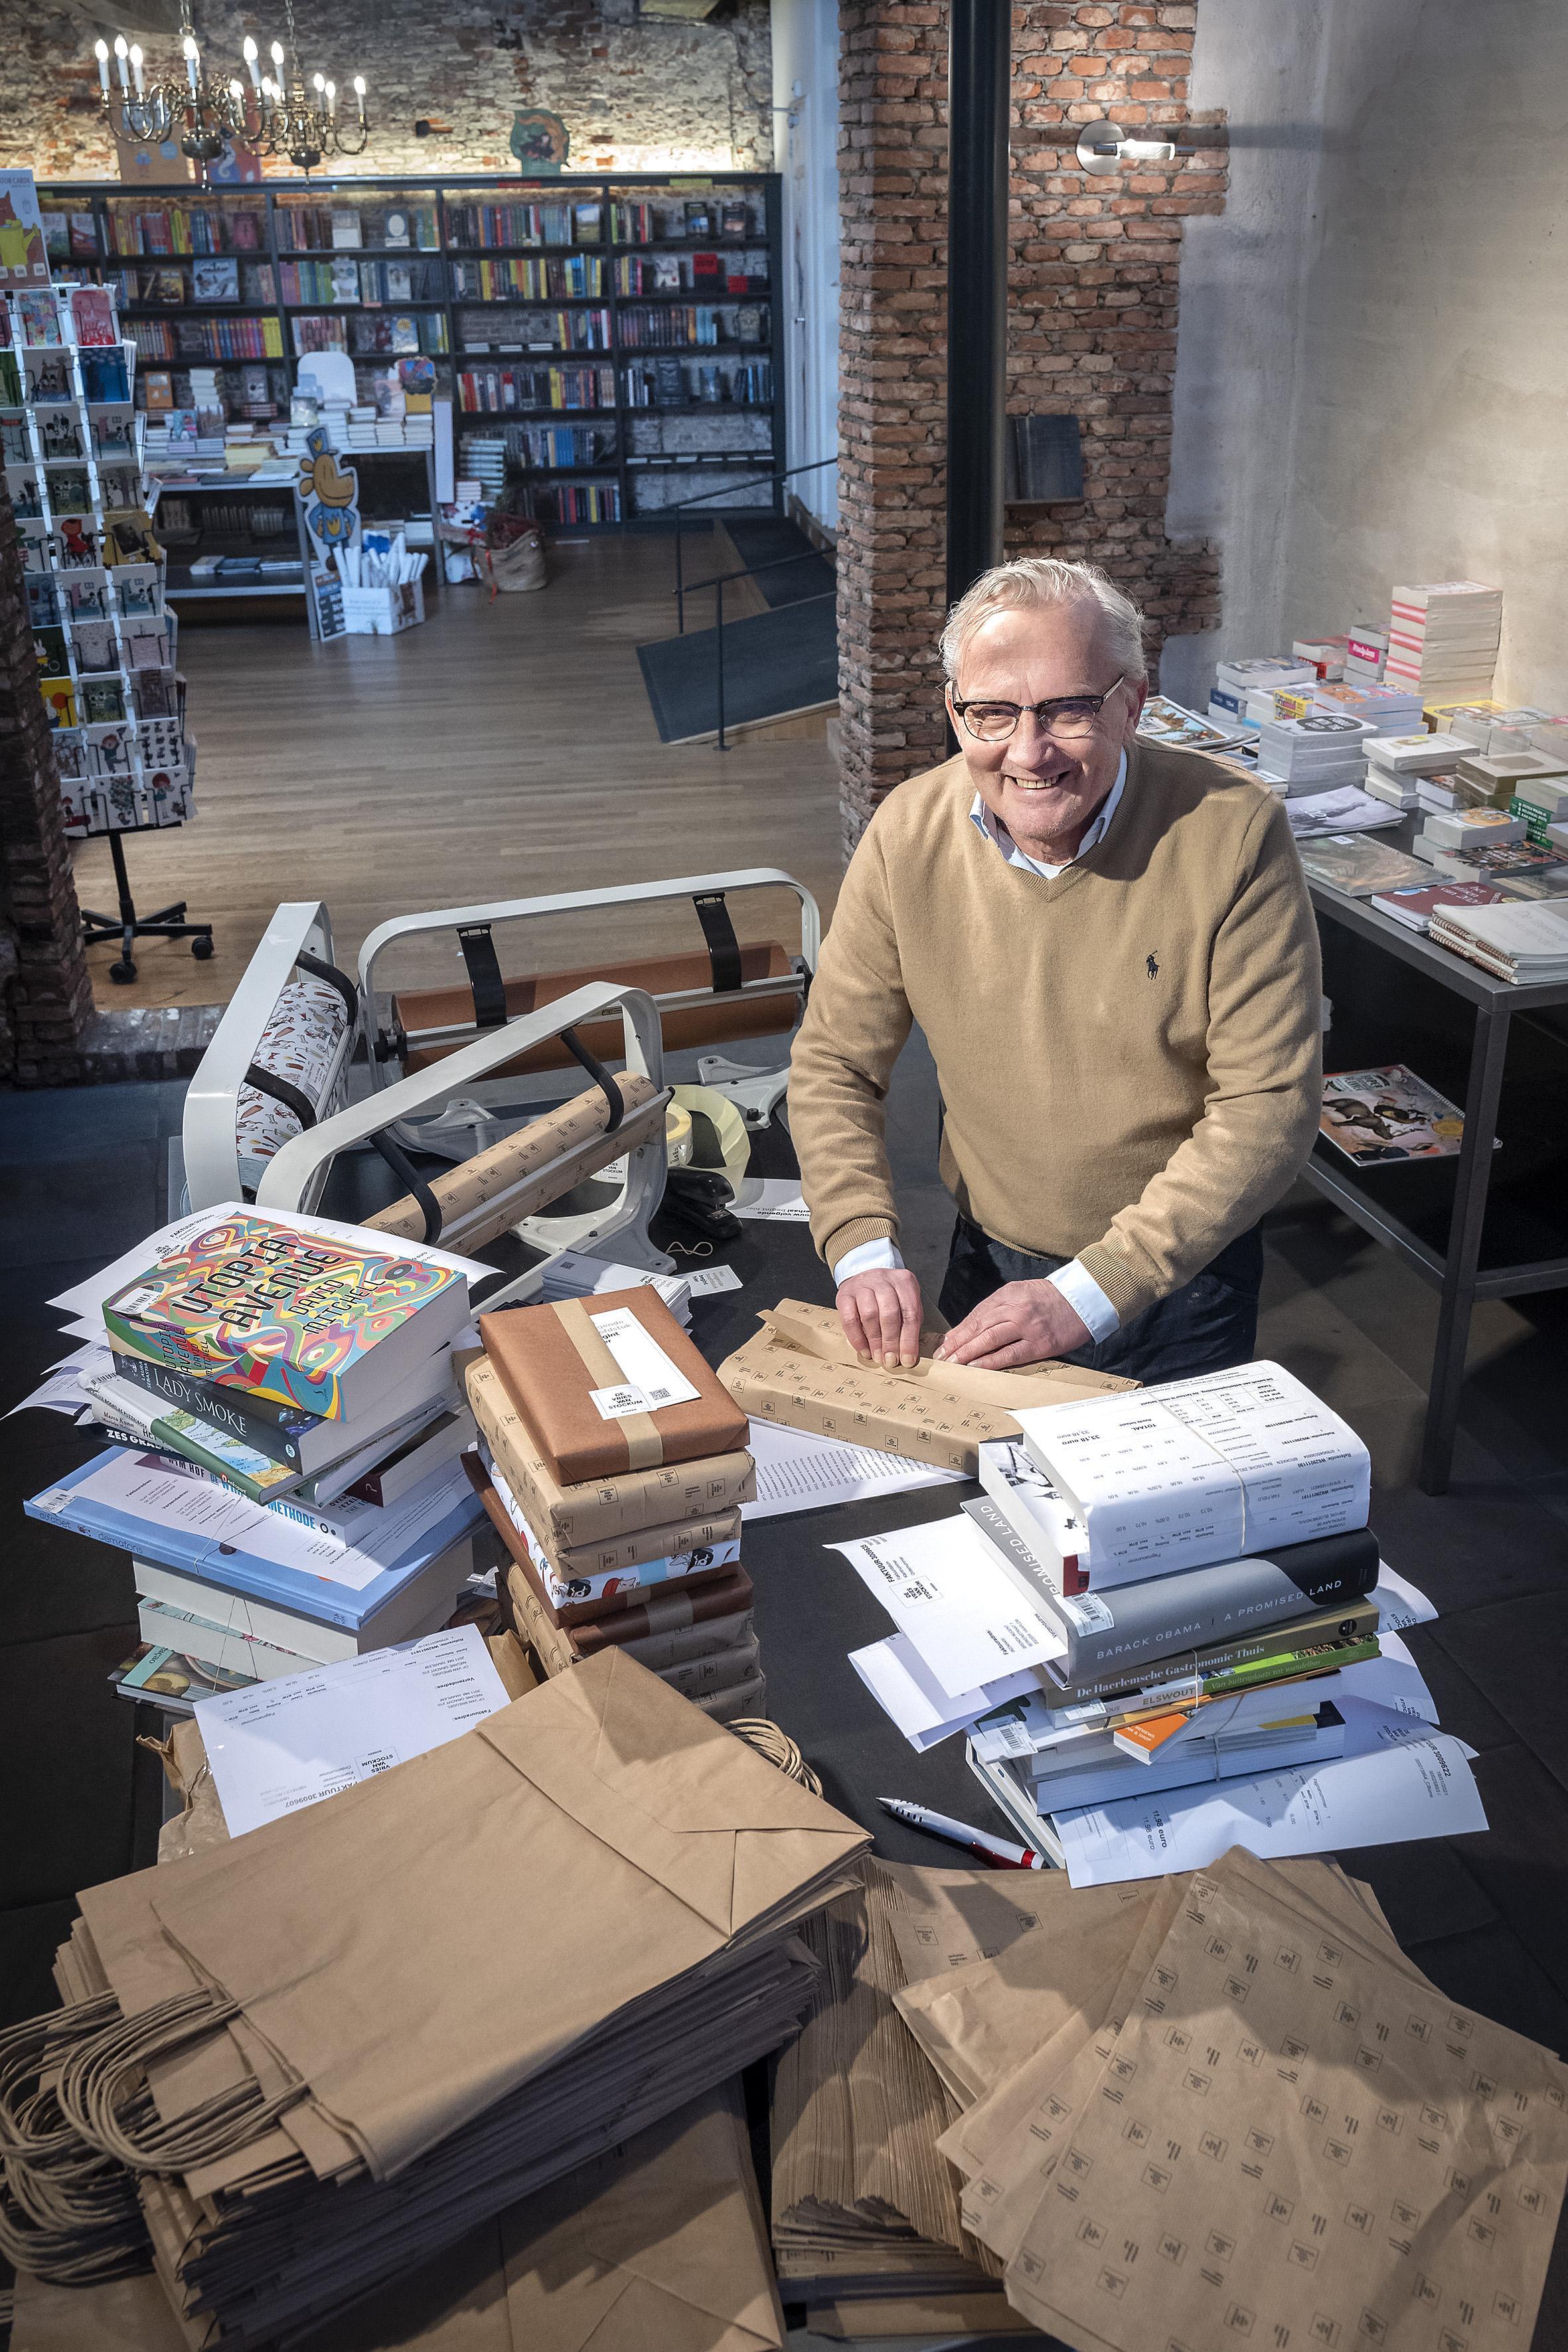 Campagne leidt tot enorme toename van verkochte boeken in de regio Haarlem; 'Dit overrompelt ons, het is echt hartverwarmend'